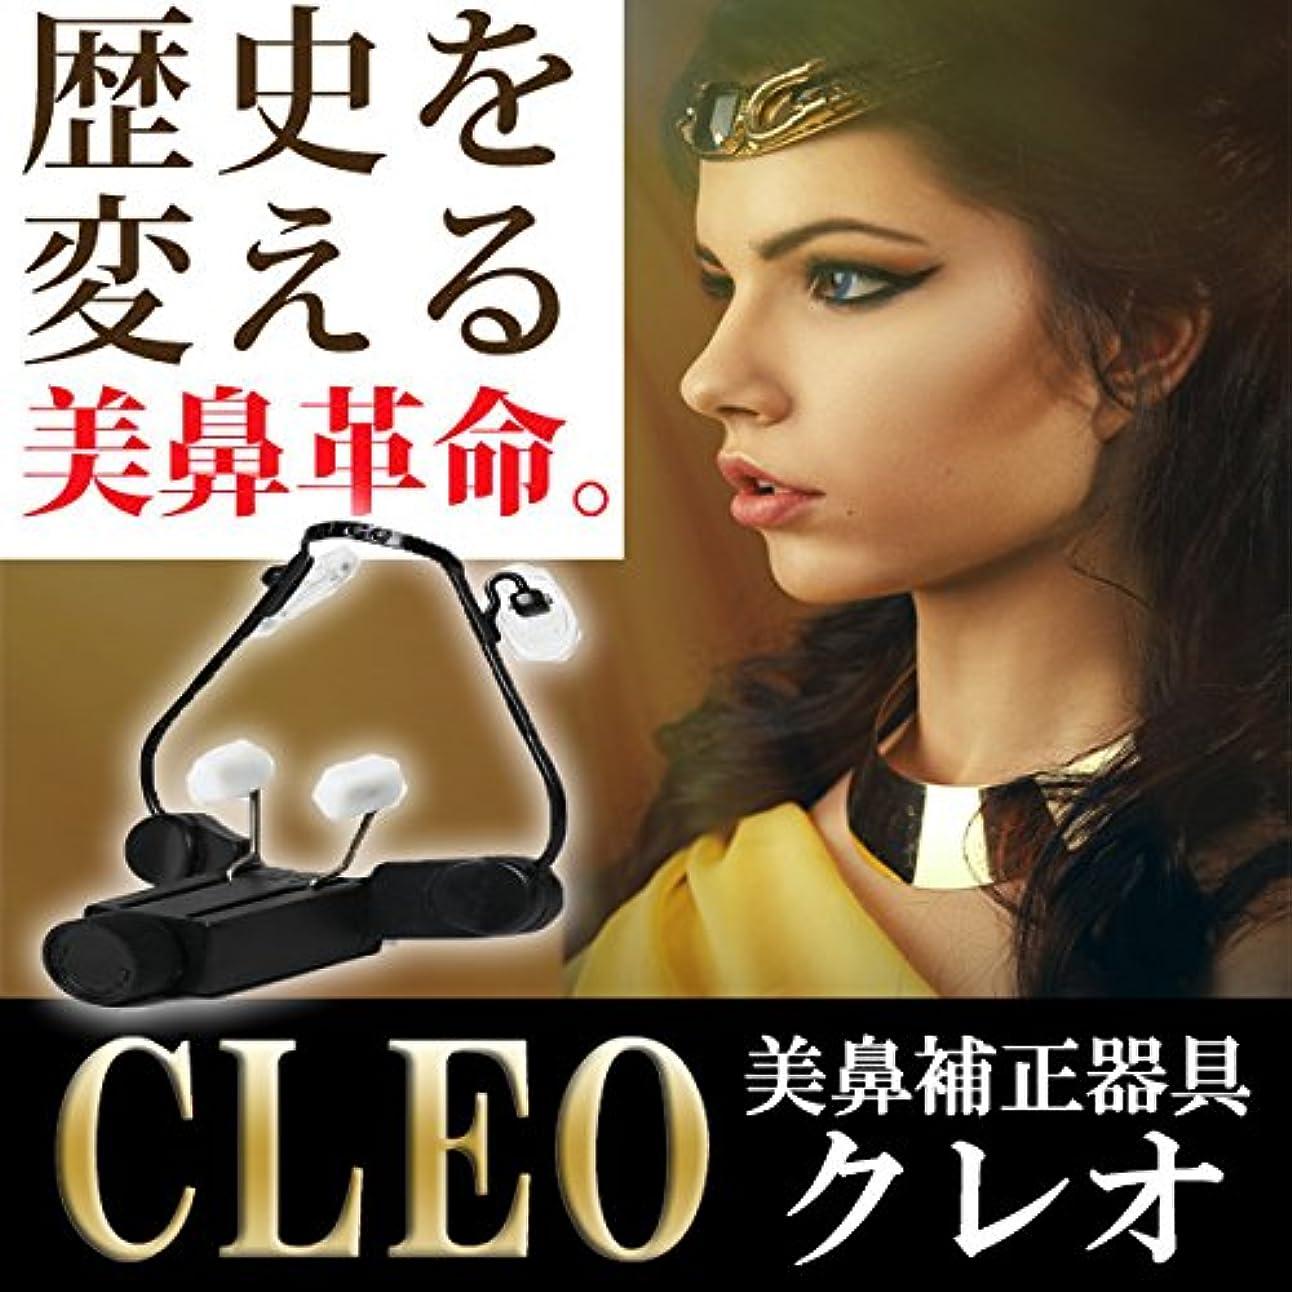 ポーズ競合他社選手規模美鼻補整器具CLEO(クレオ)|1日10分できりっと通った鼻筋を目指せ!